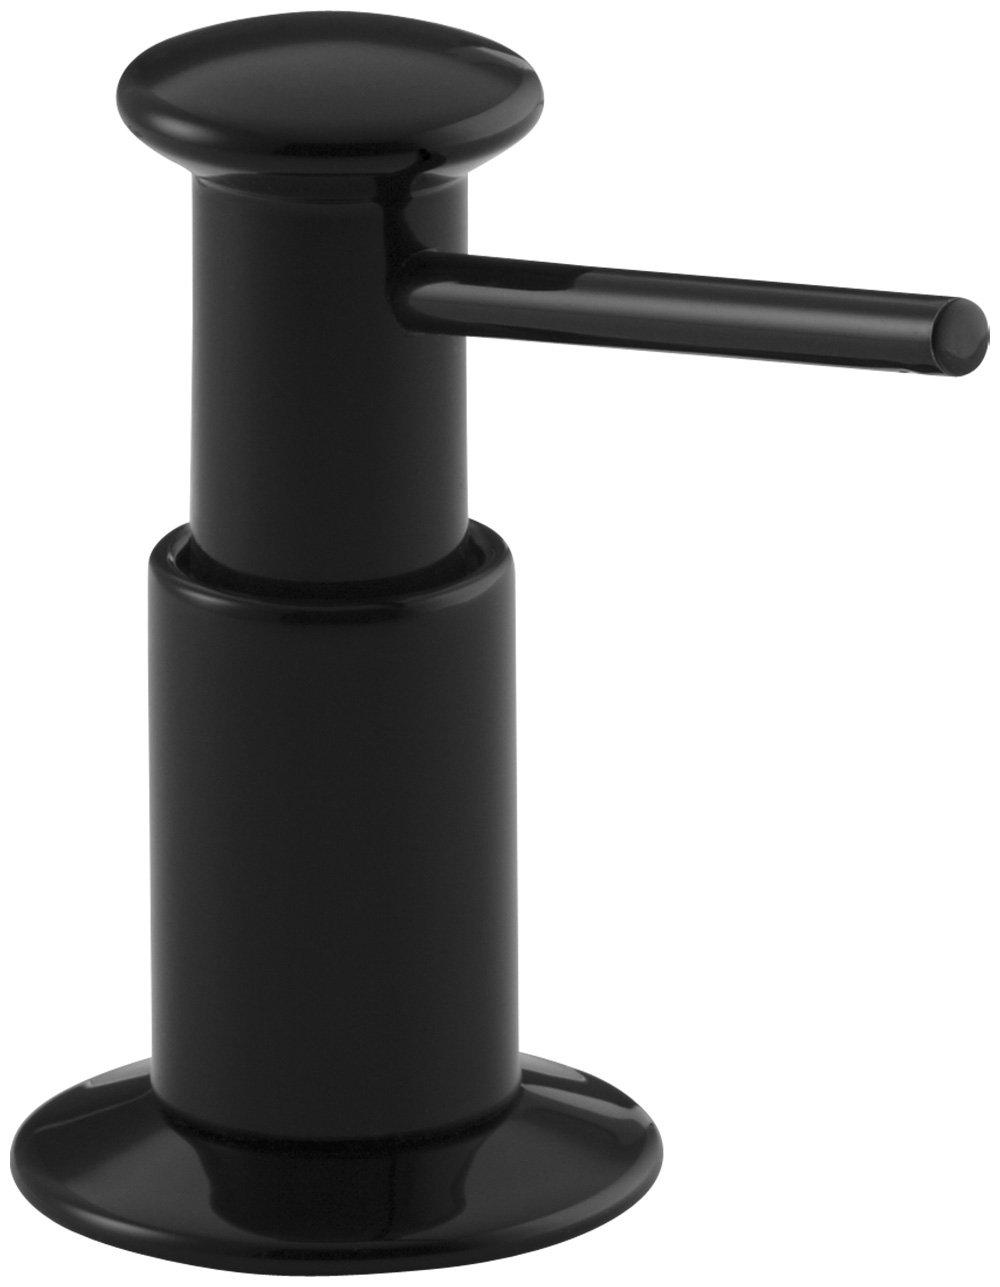 KOHLER K-9619-7 Soap or Lotion Dispenser, Black Black